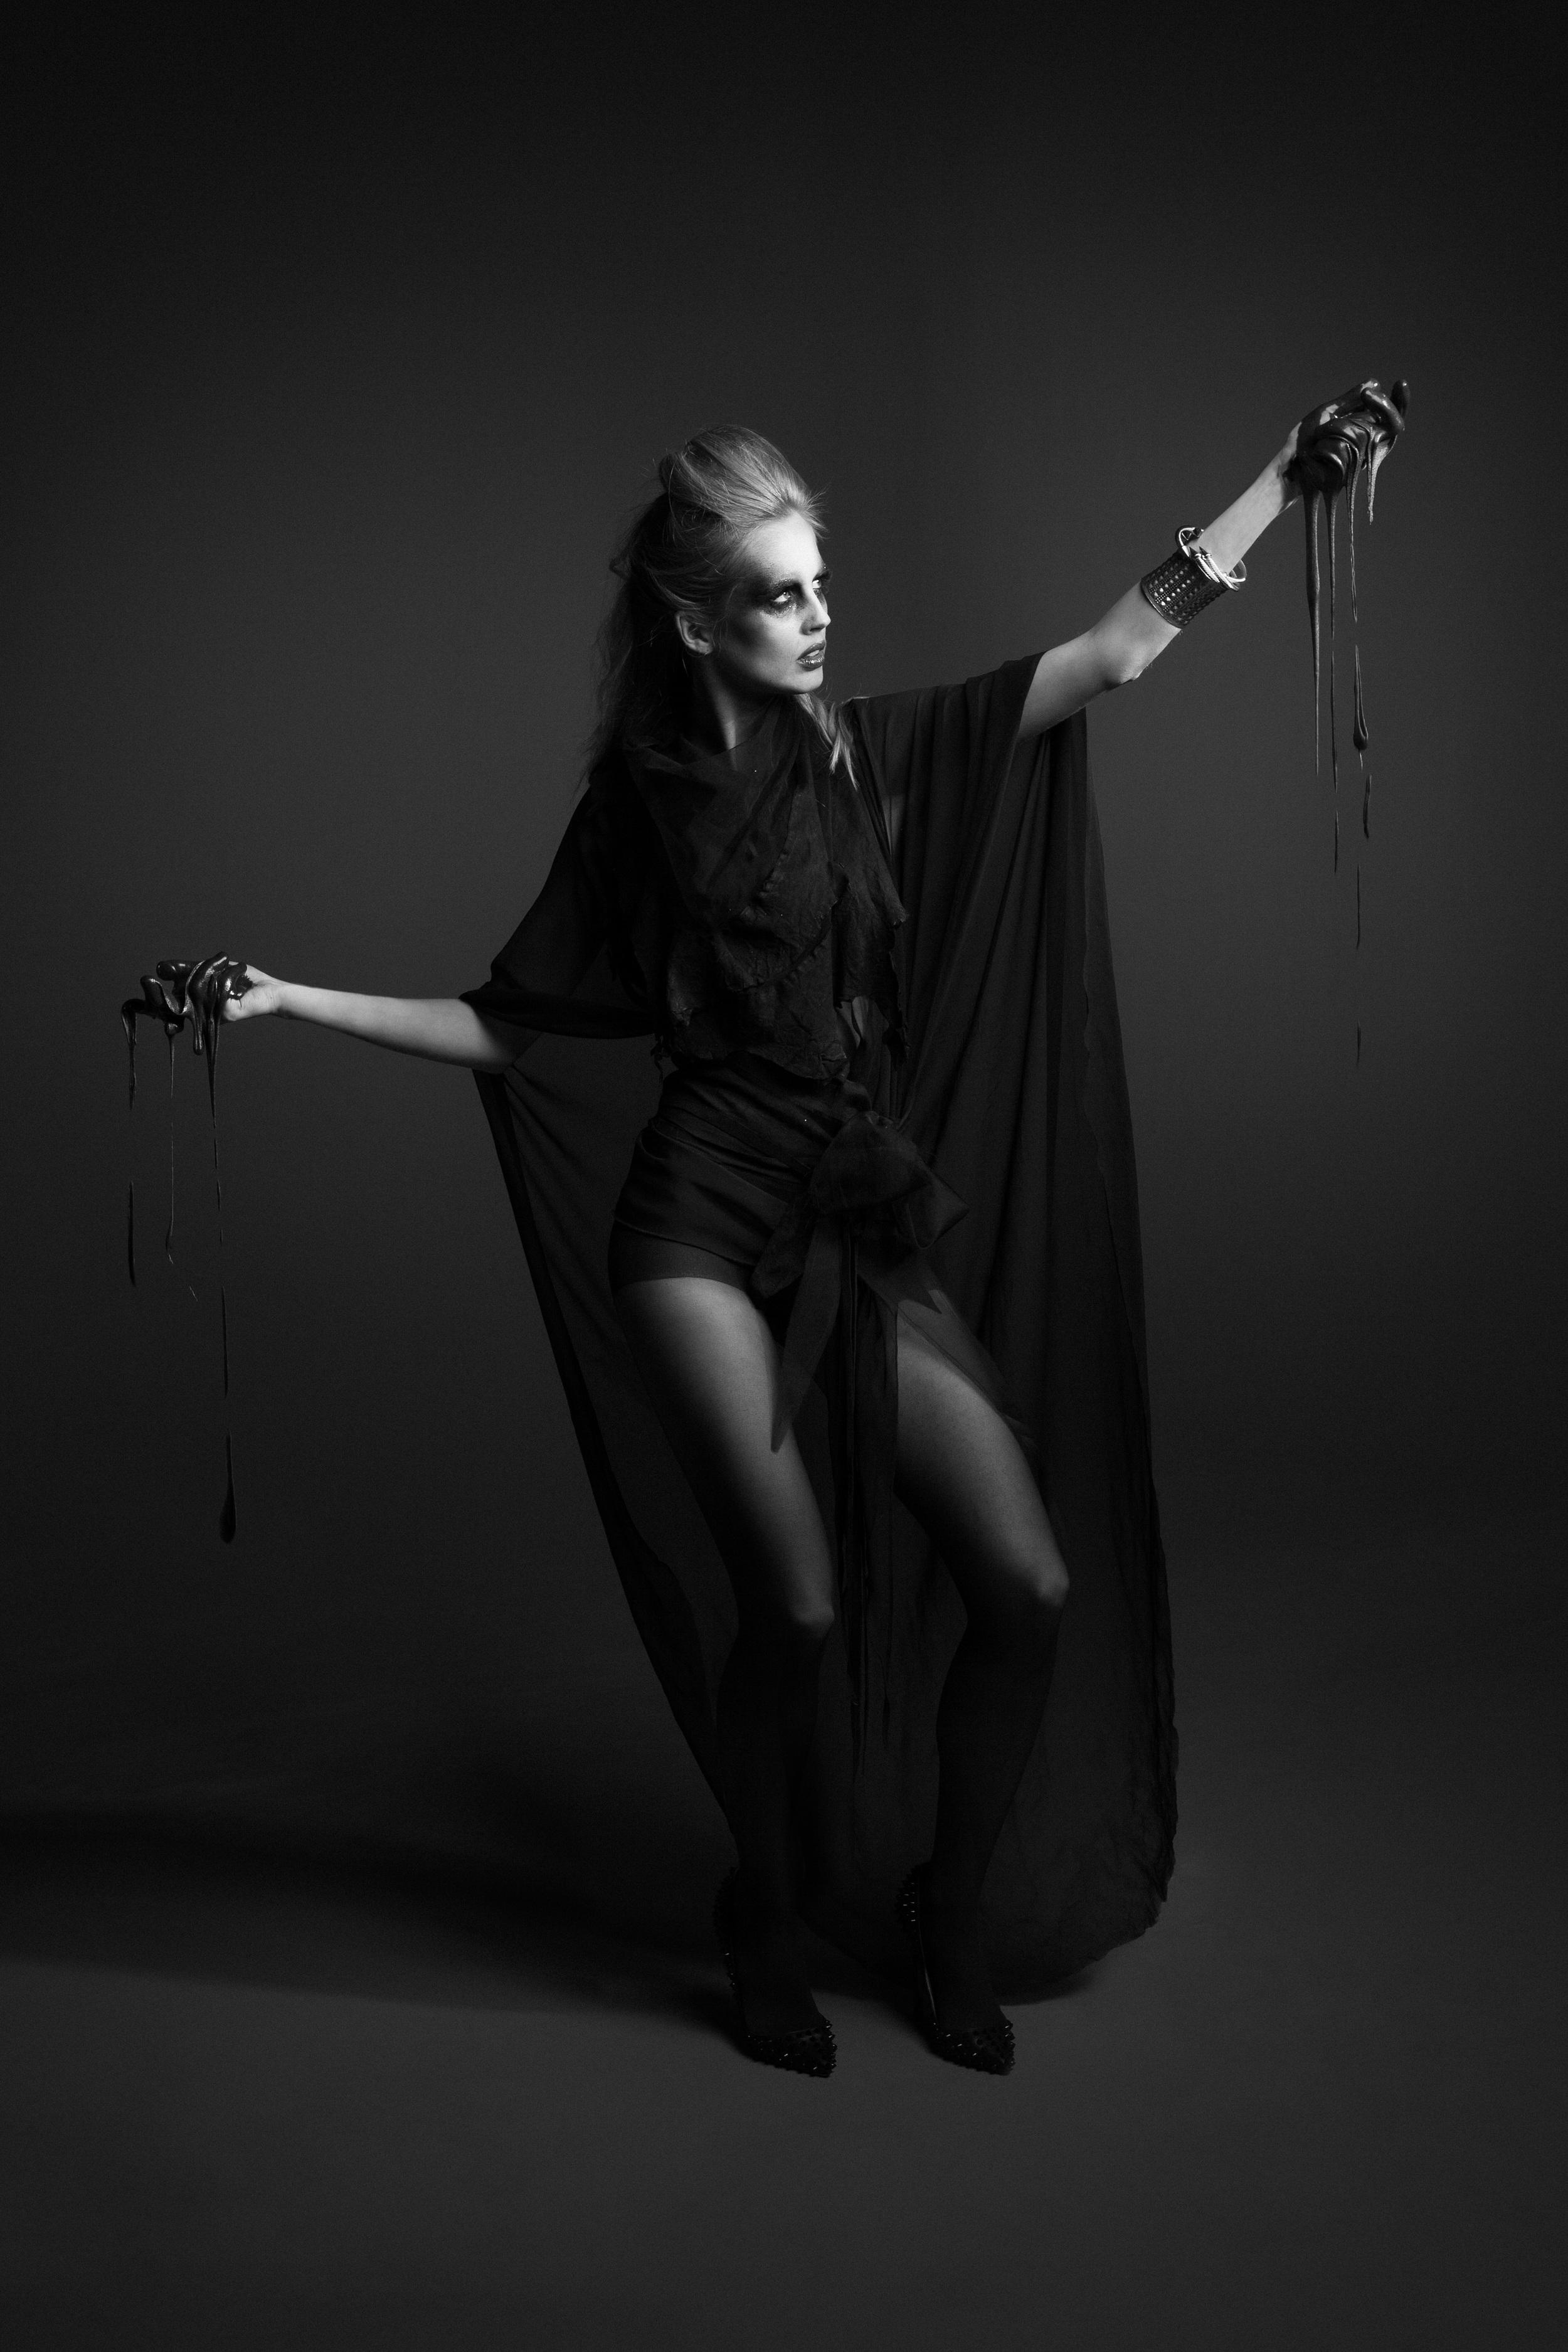 TheØrder-AW2013-IllaMagus-Editorial-7-2.jpg